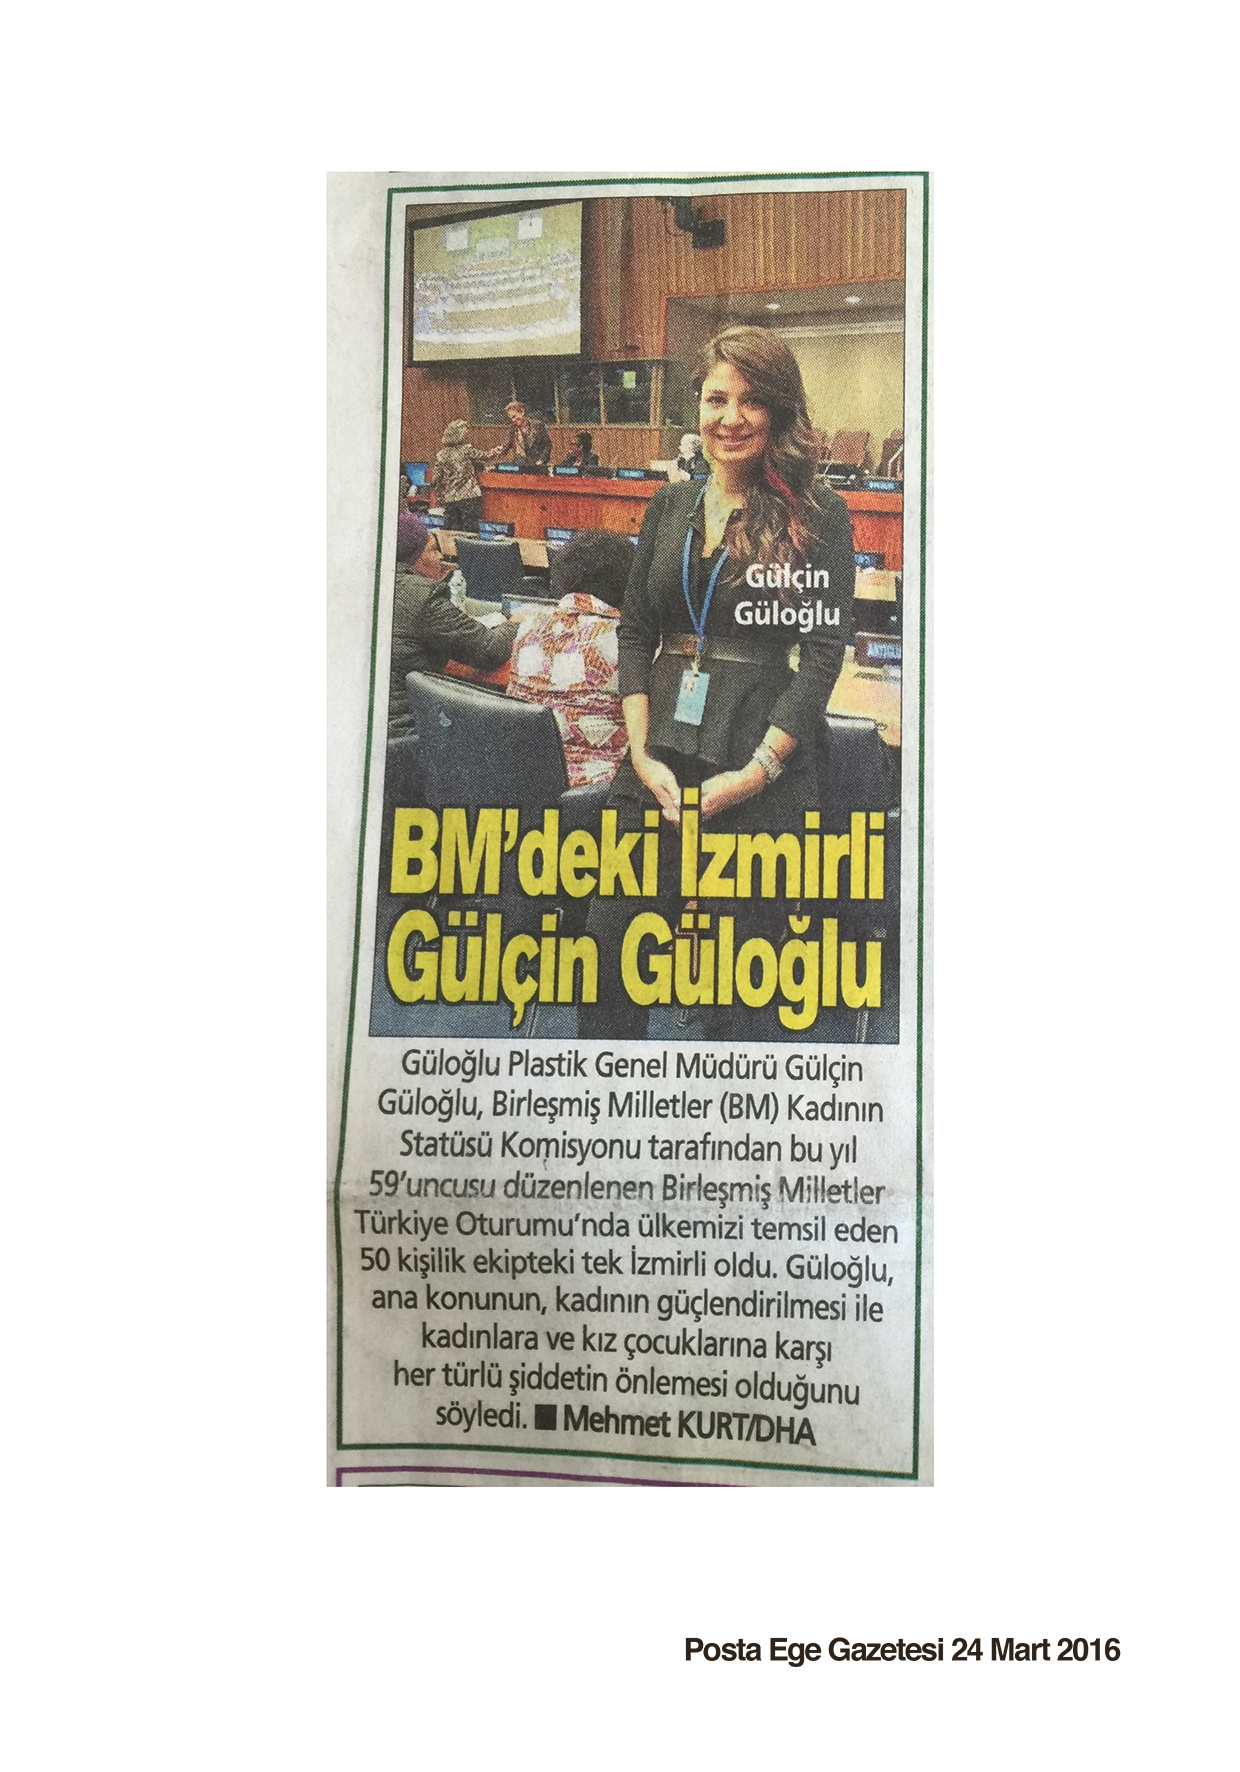 birlesmis_milletler_izmir_gulcin_guloglu_plastik_haber_liyakat2